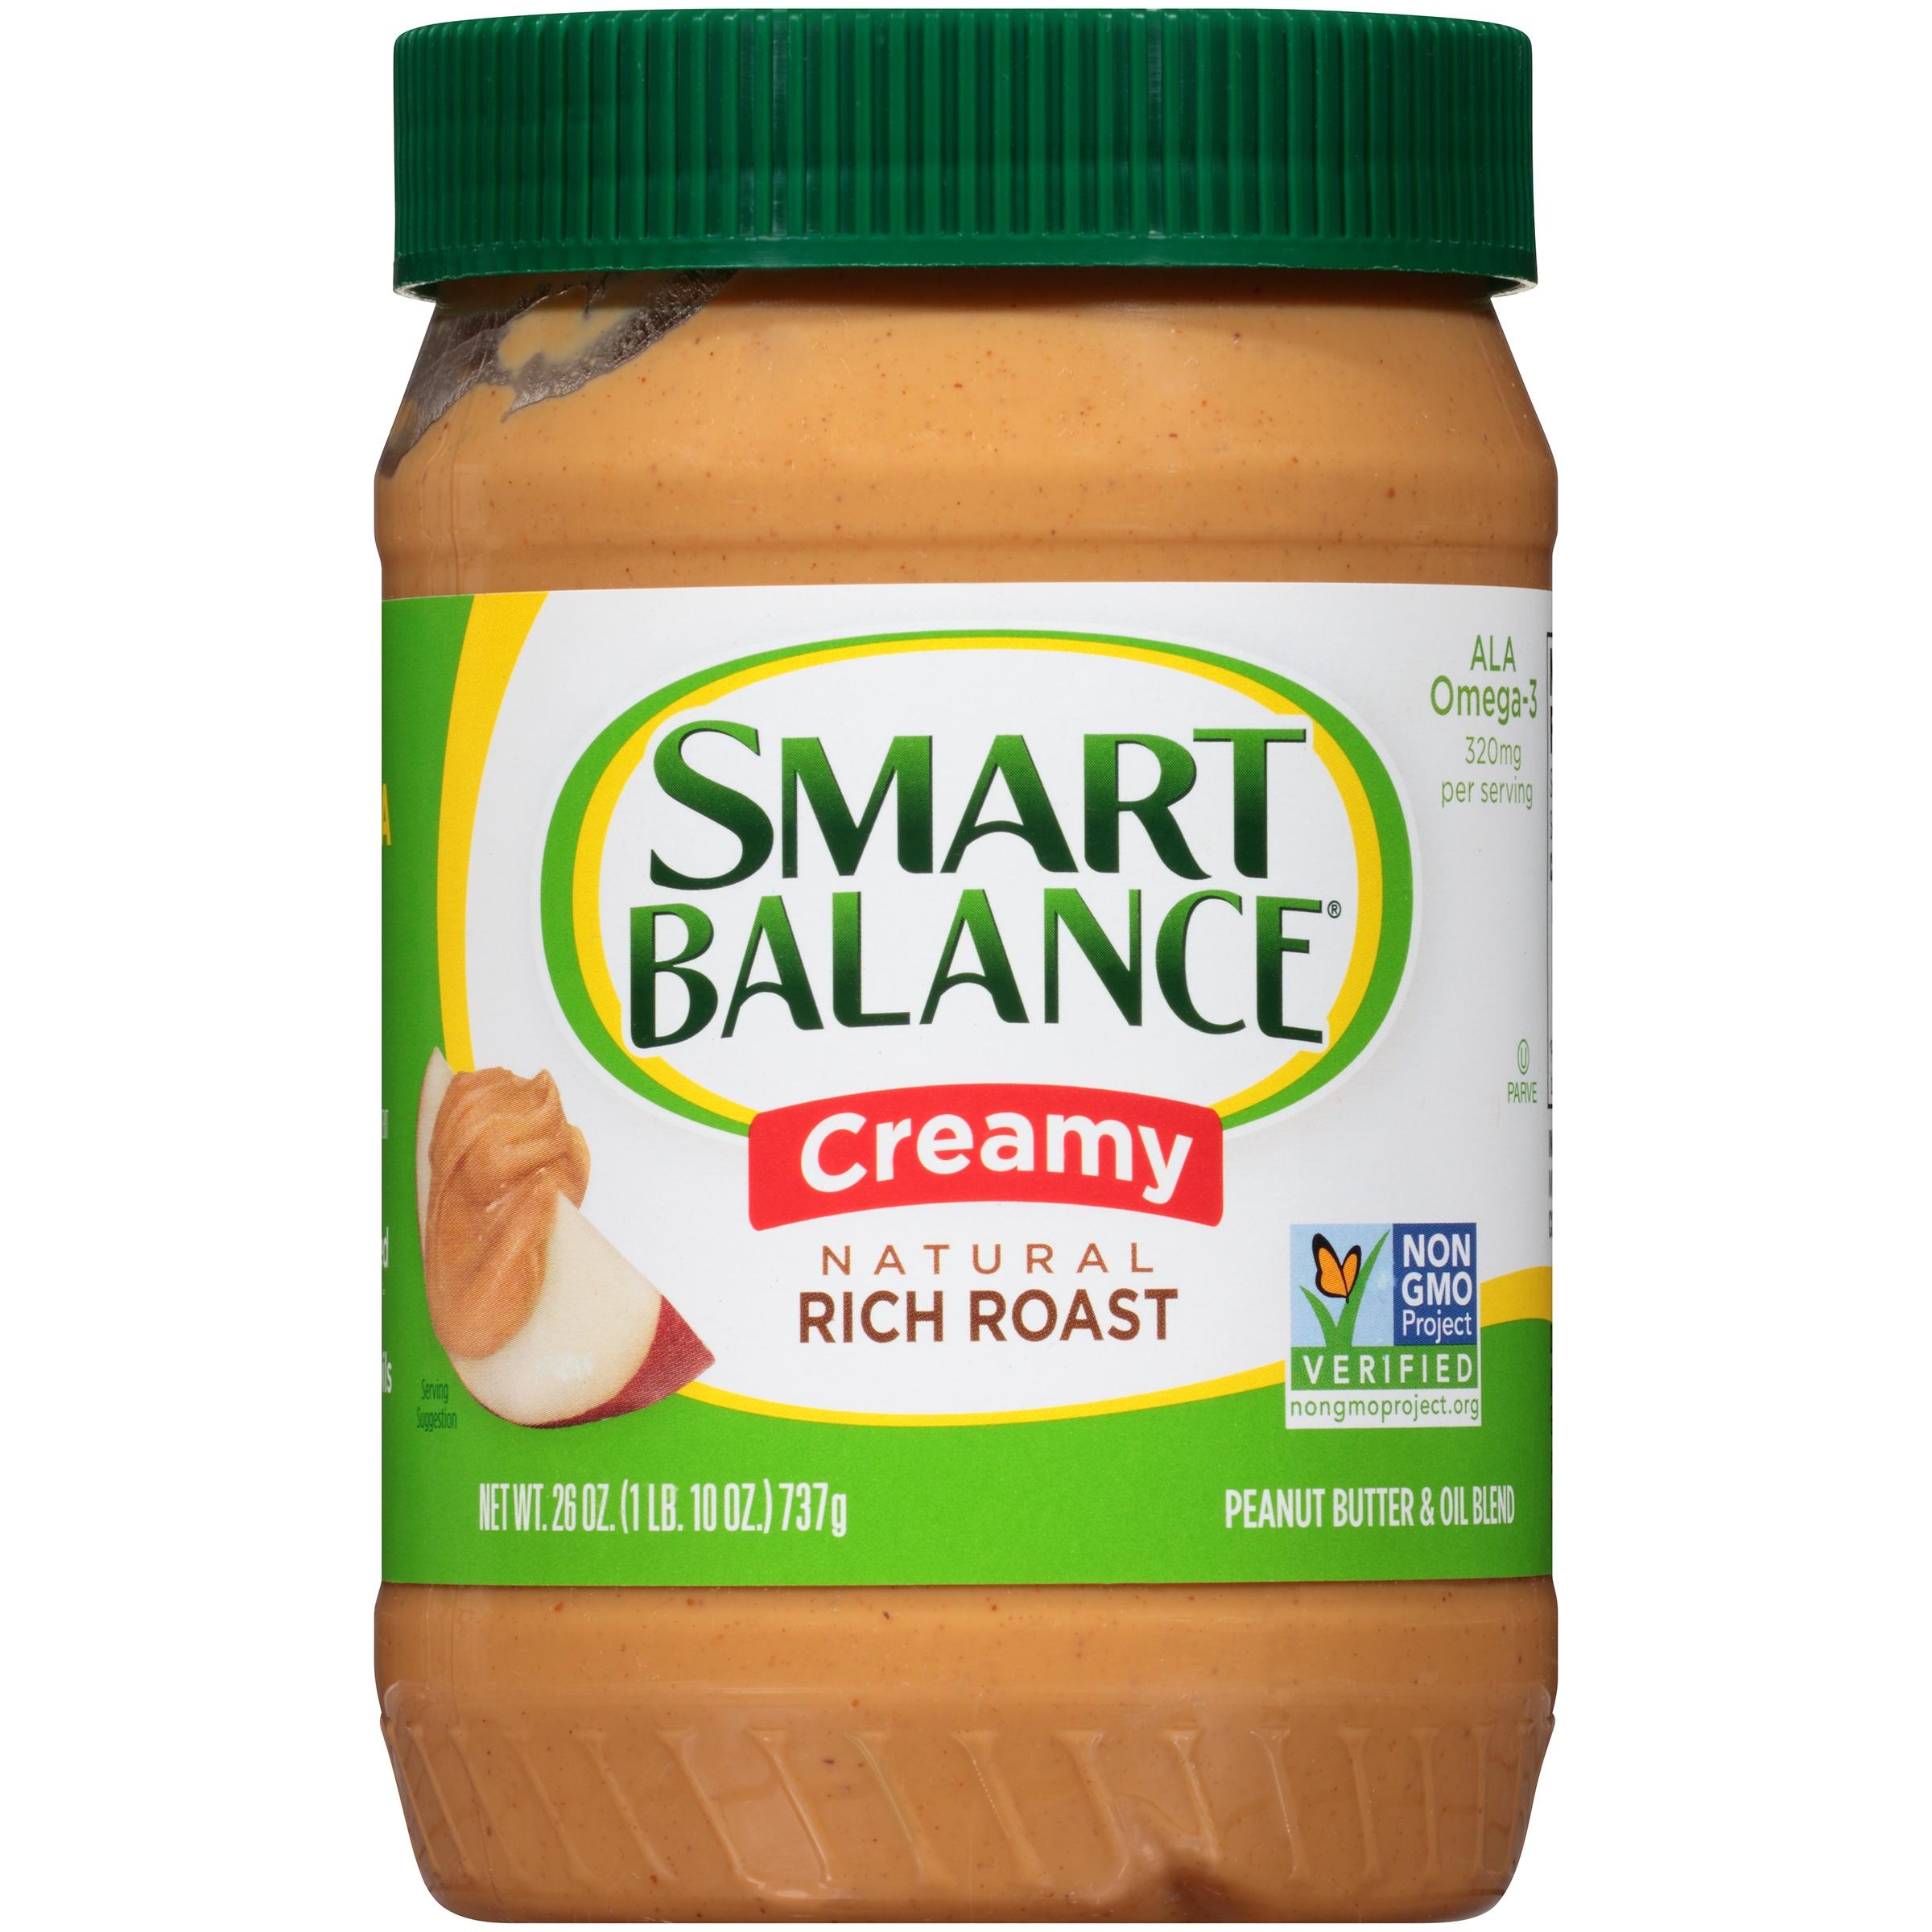 Smart Balance® Creamy Natural Rich Roast Peanut Butter 26 oz. Jar